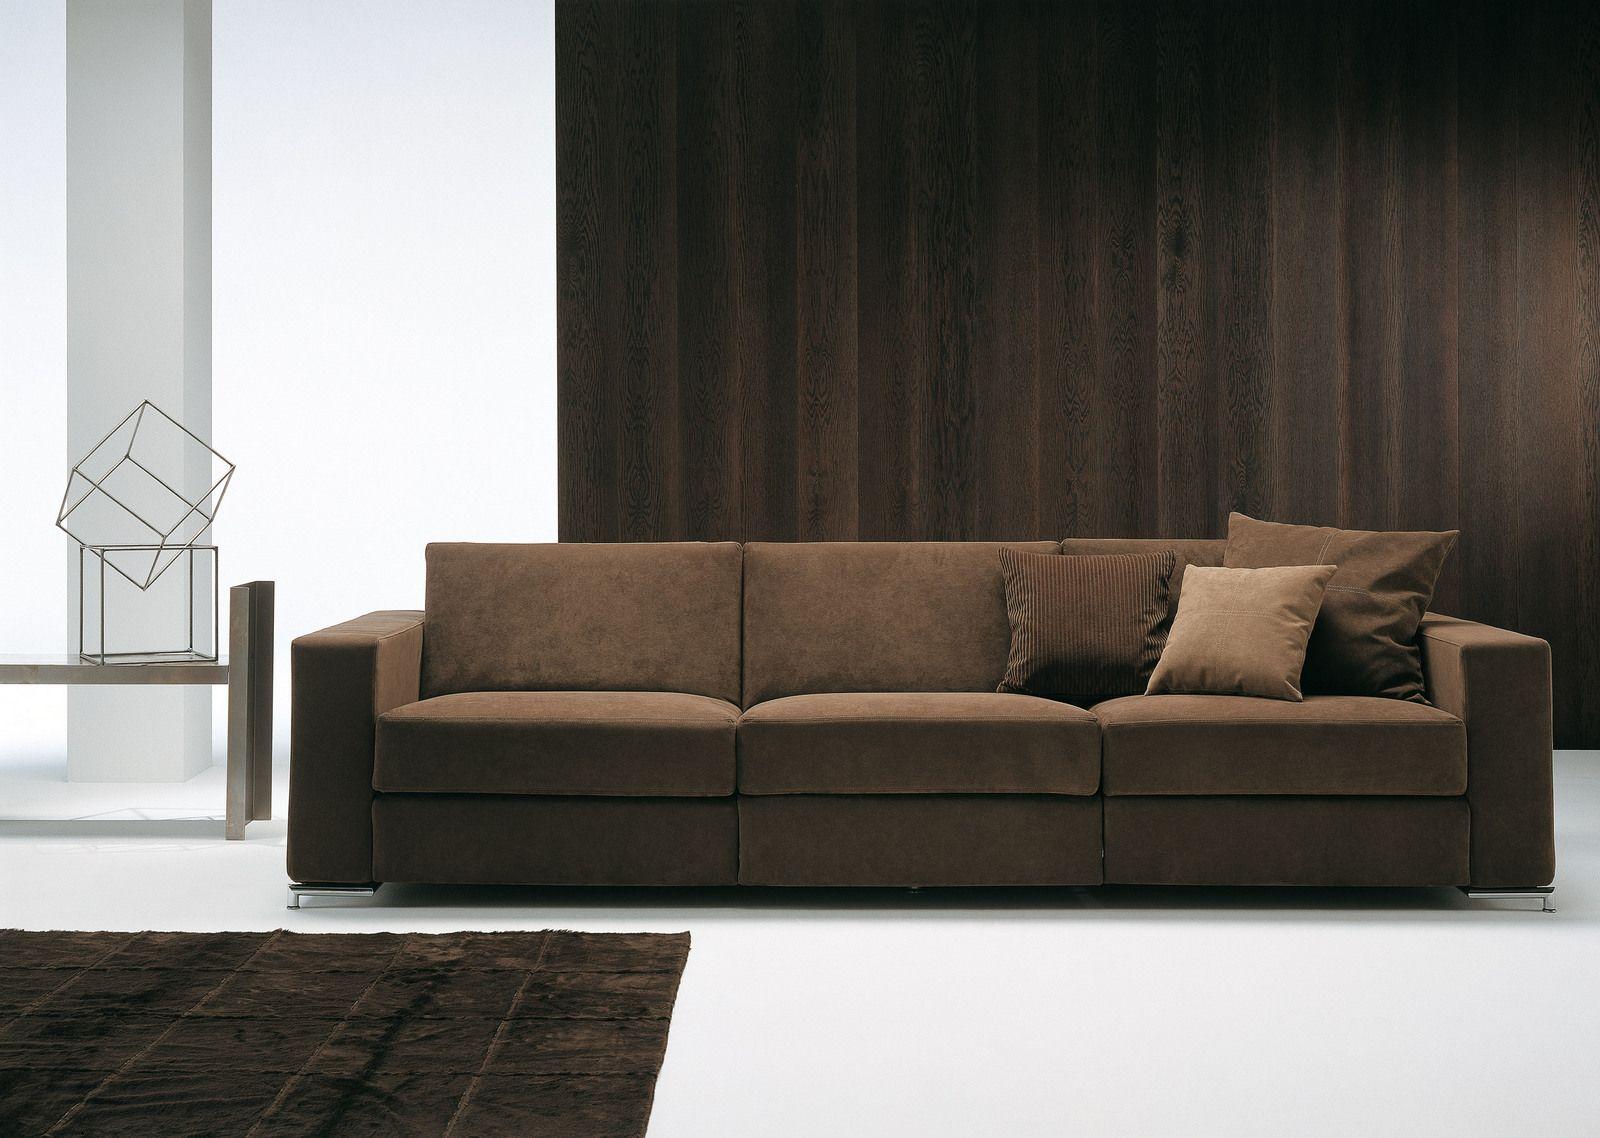 Divano relax a 3 posti con movimento elettrico forum by bodema design danilo bonfanti - Smontare divano poltrone sofa ...